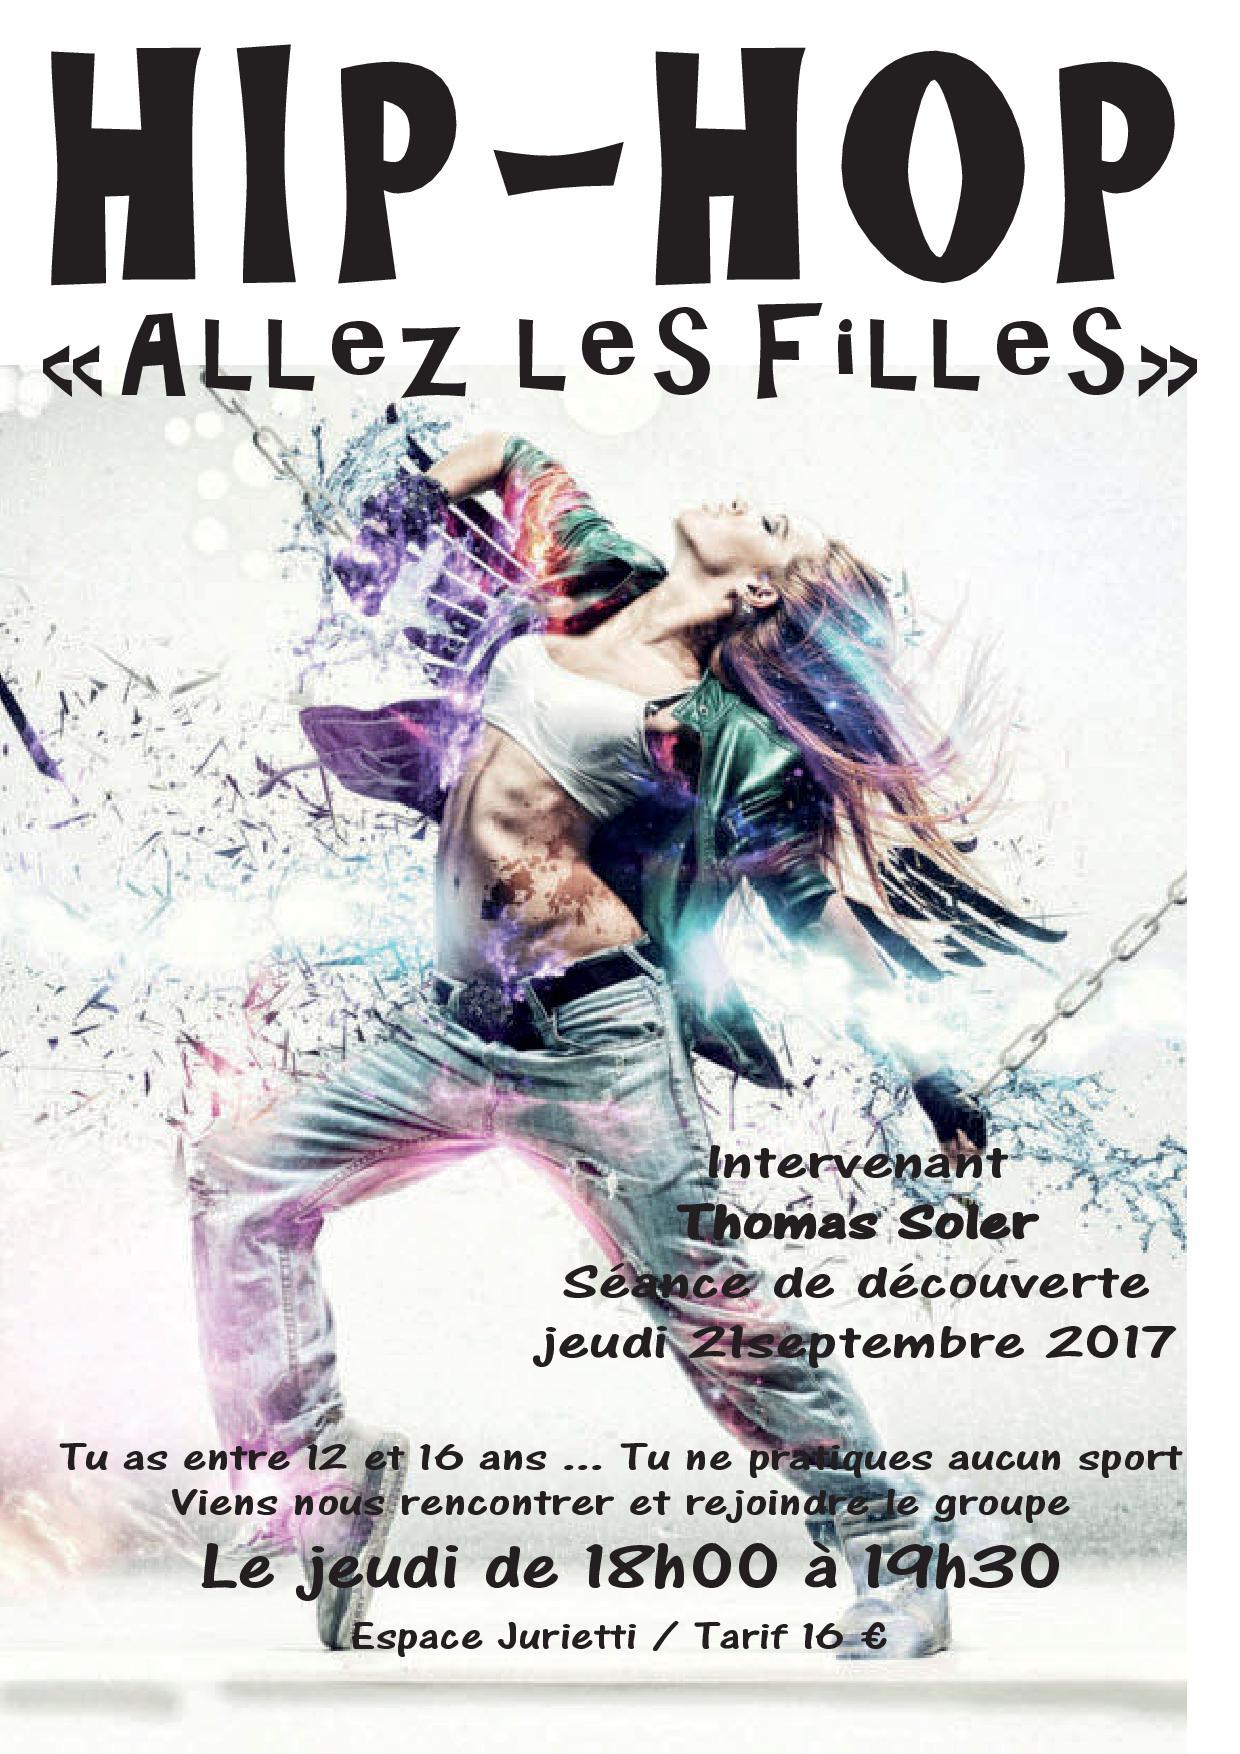 AFFICHE 2017 ALLEZ LES FILLES HIP HOP.indd